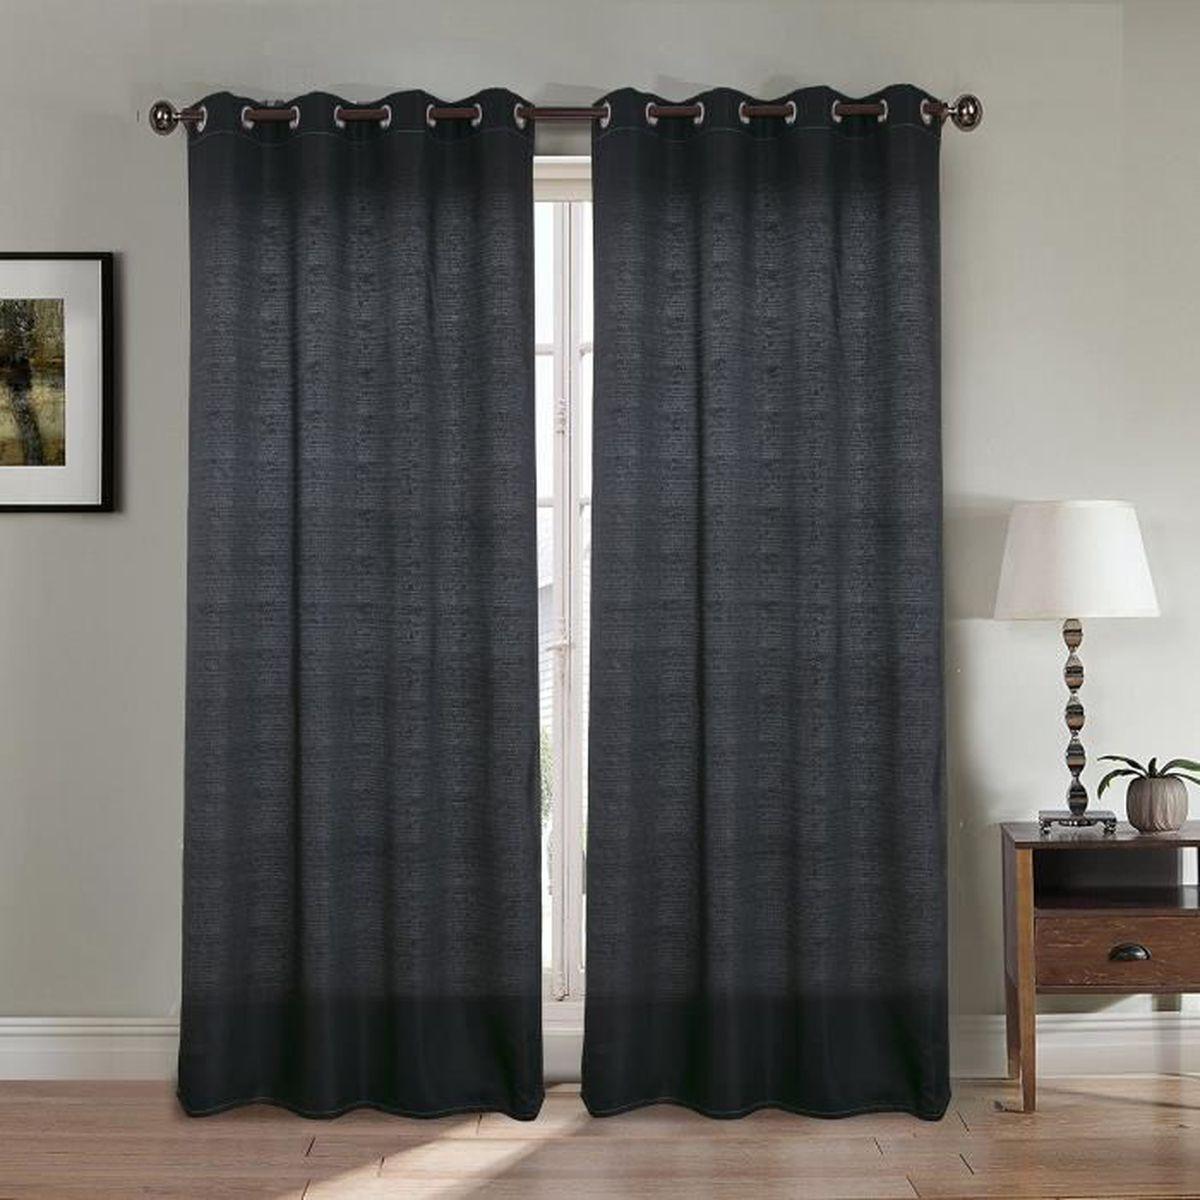 embrasse pour rideaux pas cher embrasse rideau design pour accessoires et embrasses pour. Black Bedroom Furniture Sets. Home Design Ideas